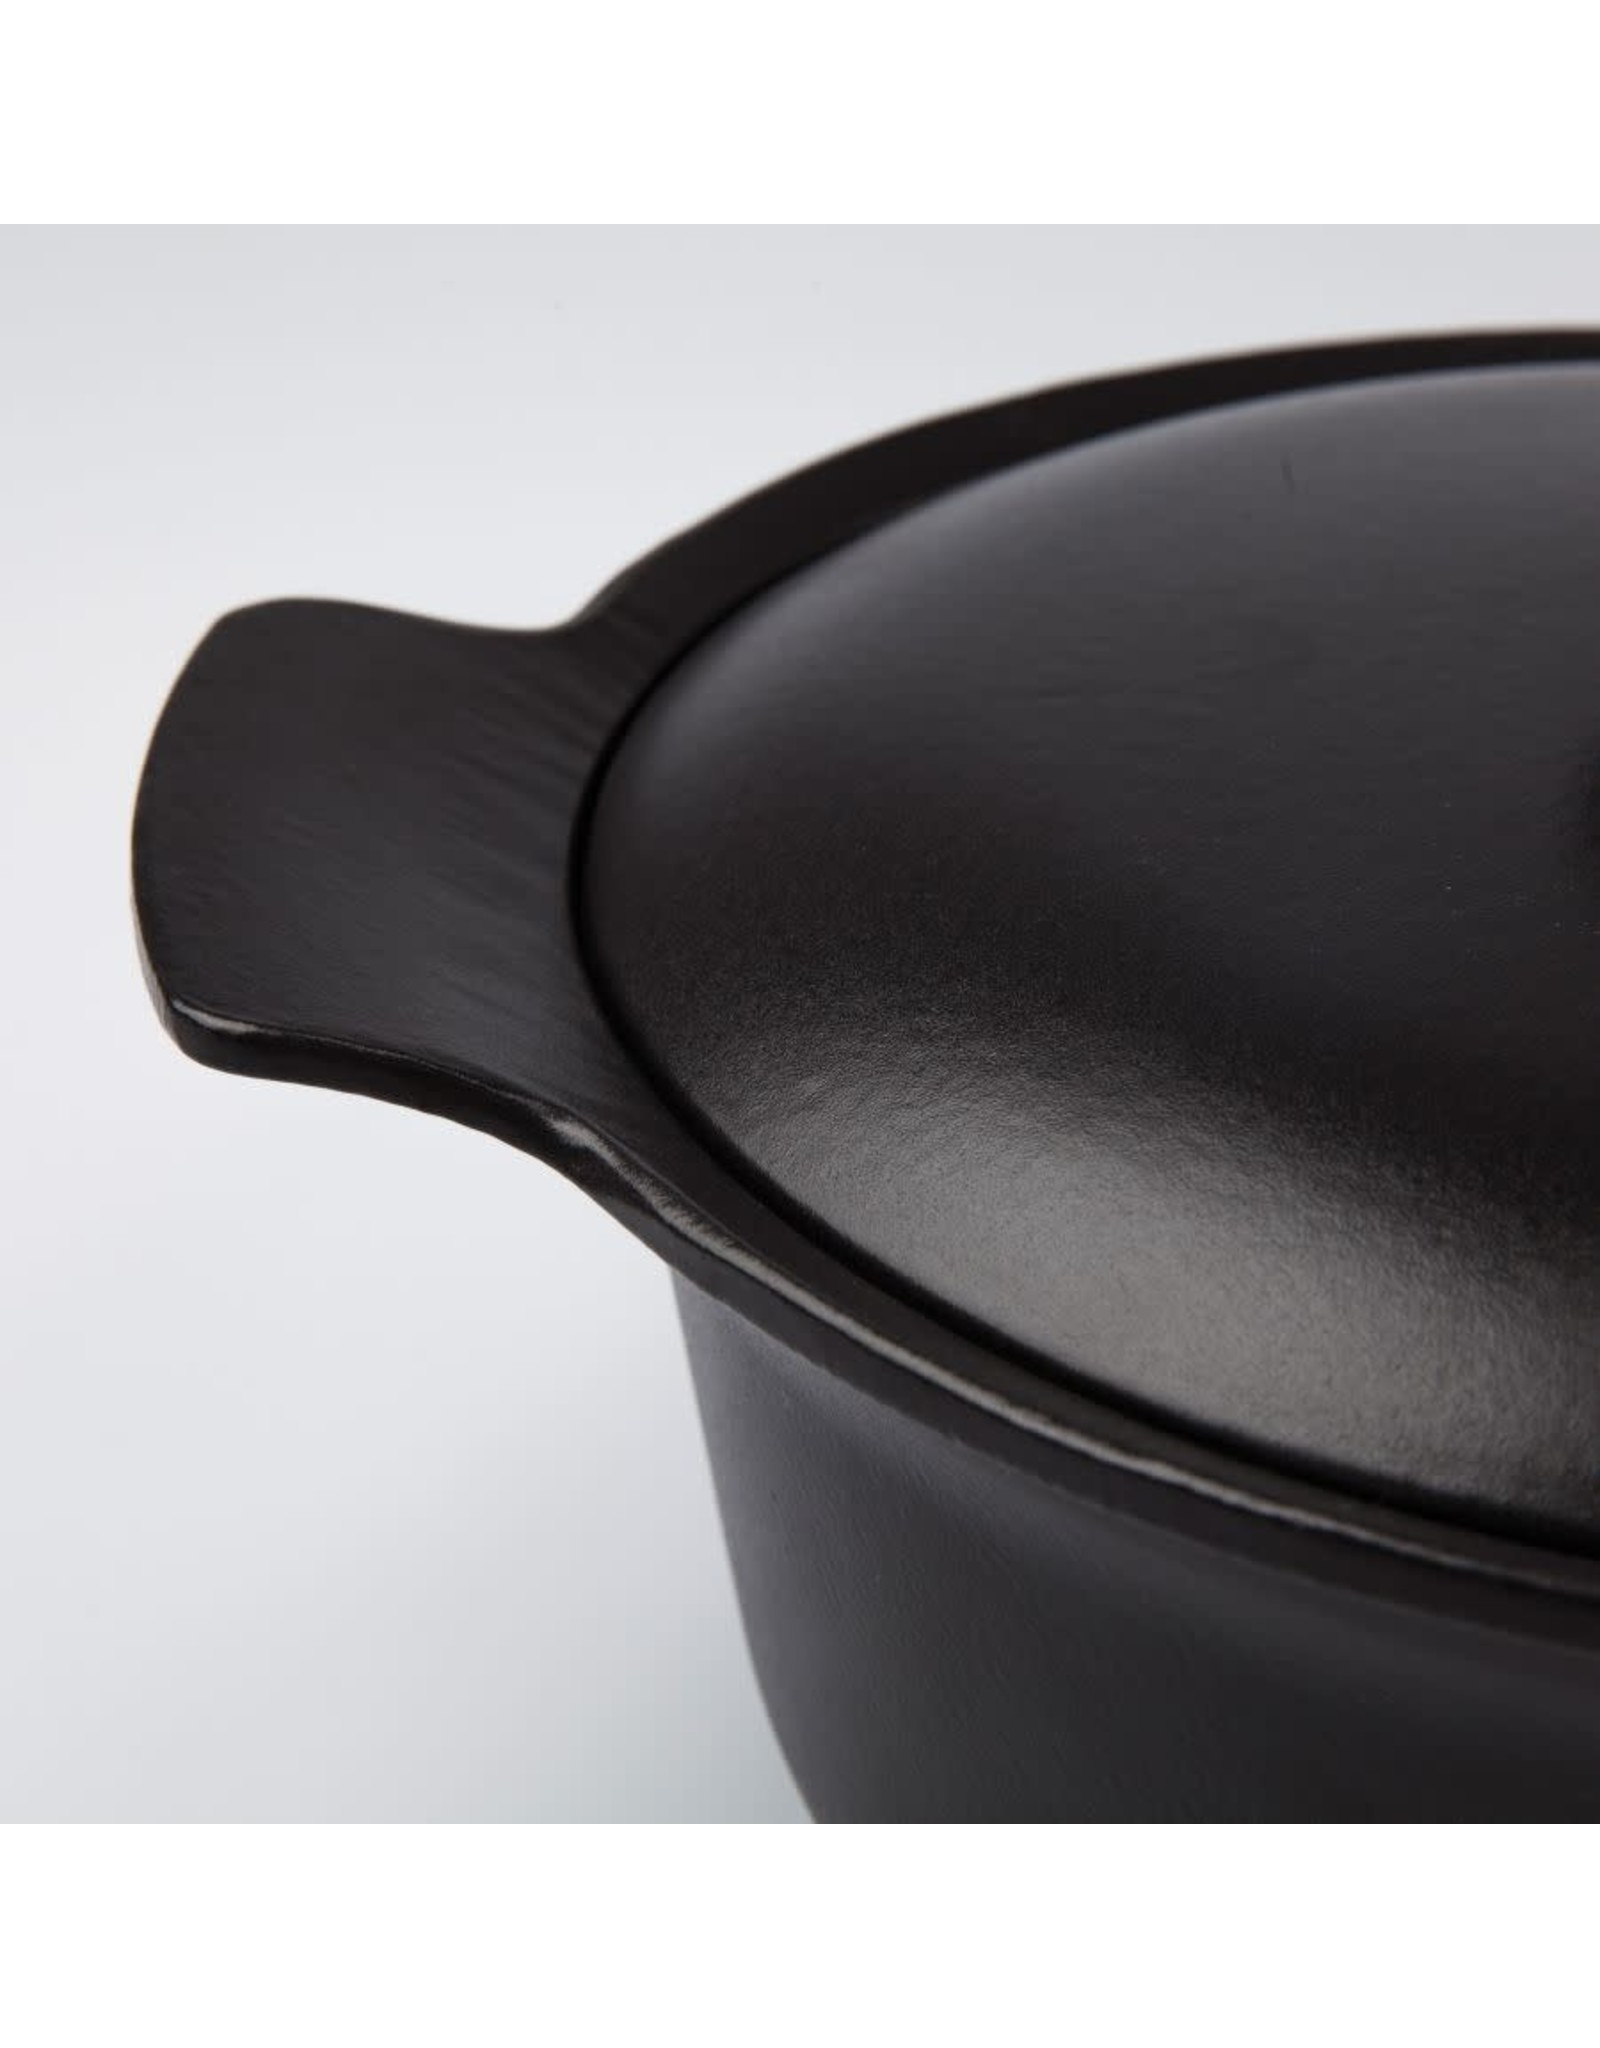 Berghoff BergHOFF. Ovale braadpan met deksel zwart 28x22 cm - Ron